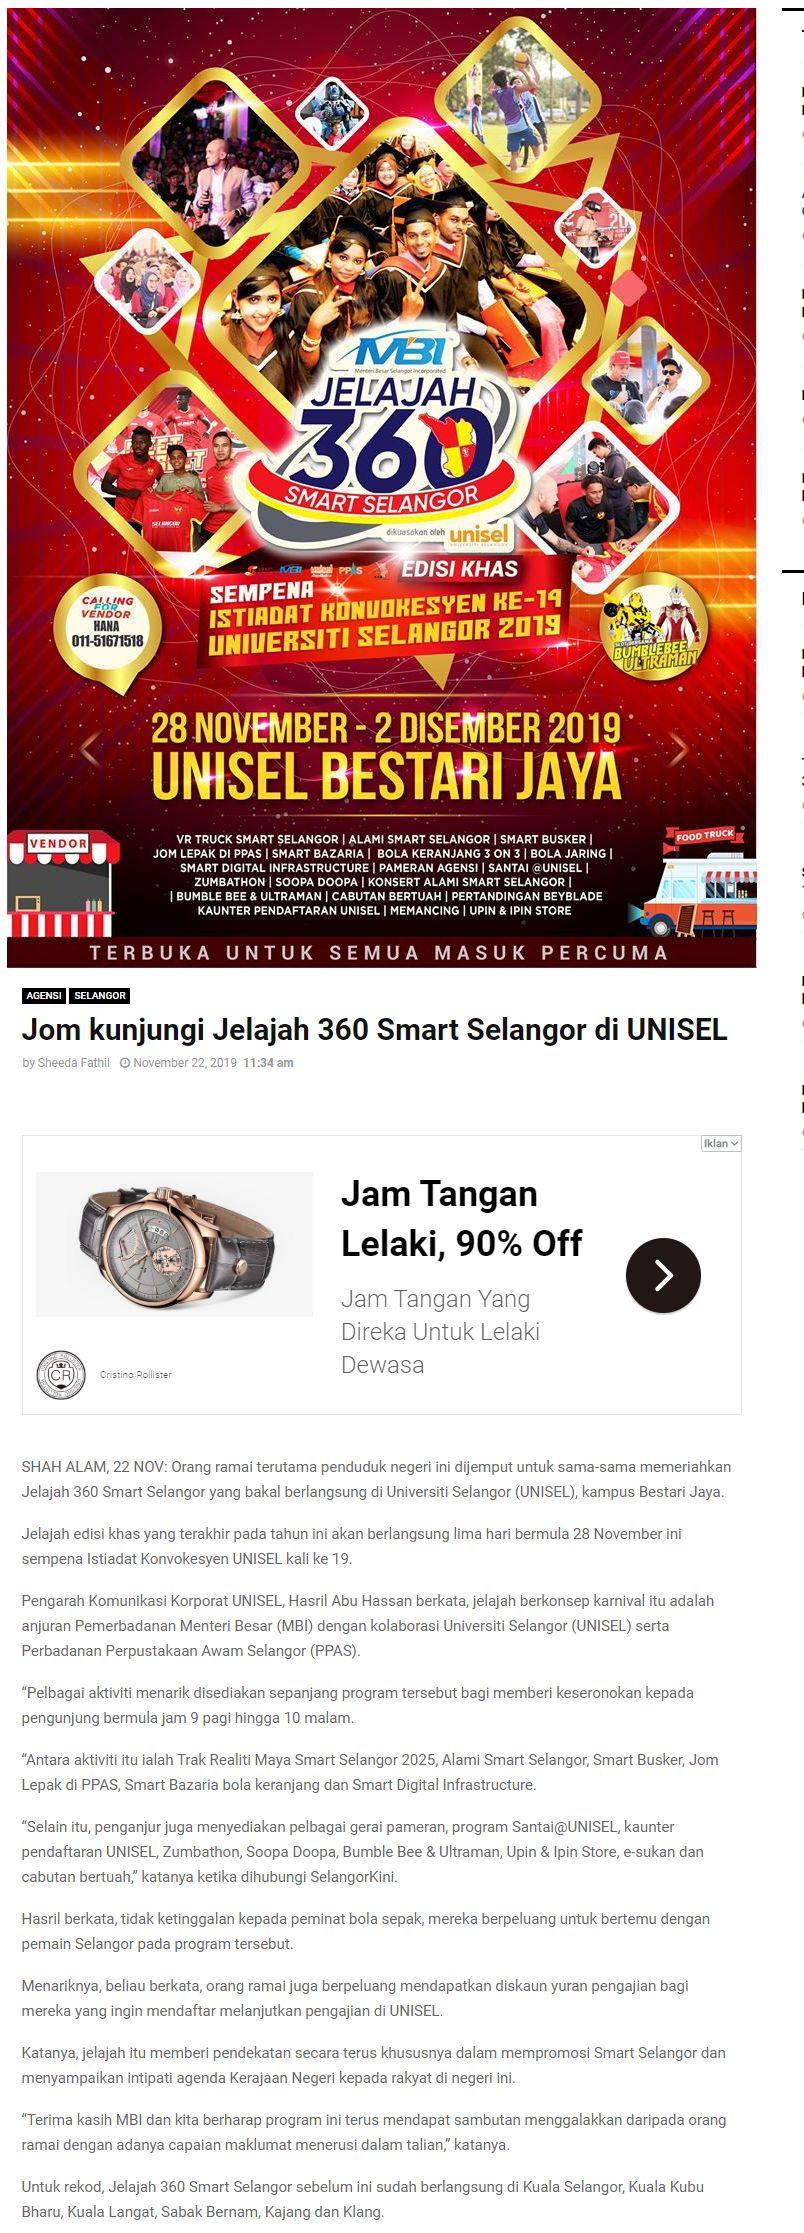 Selangor Kini 22 November 2019